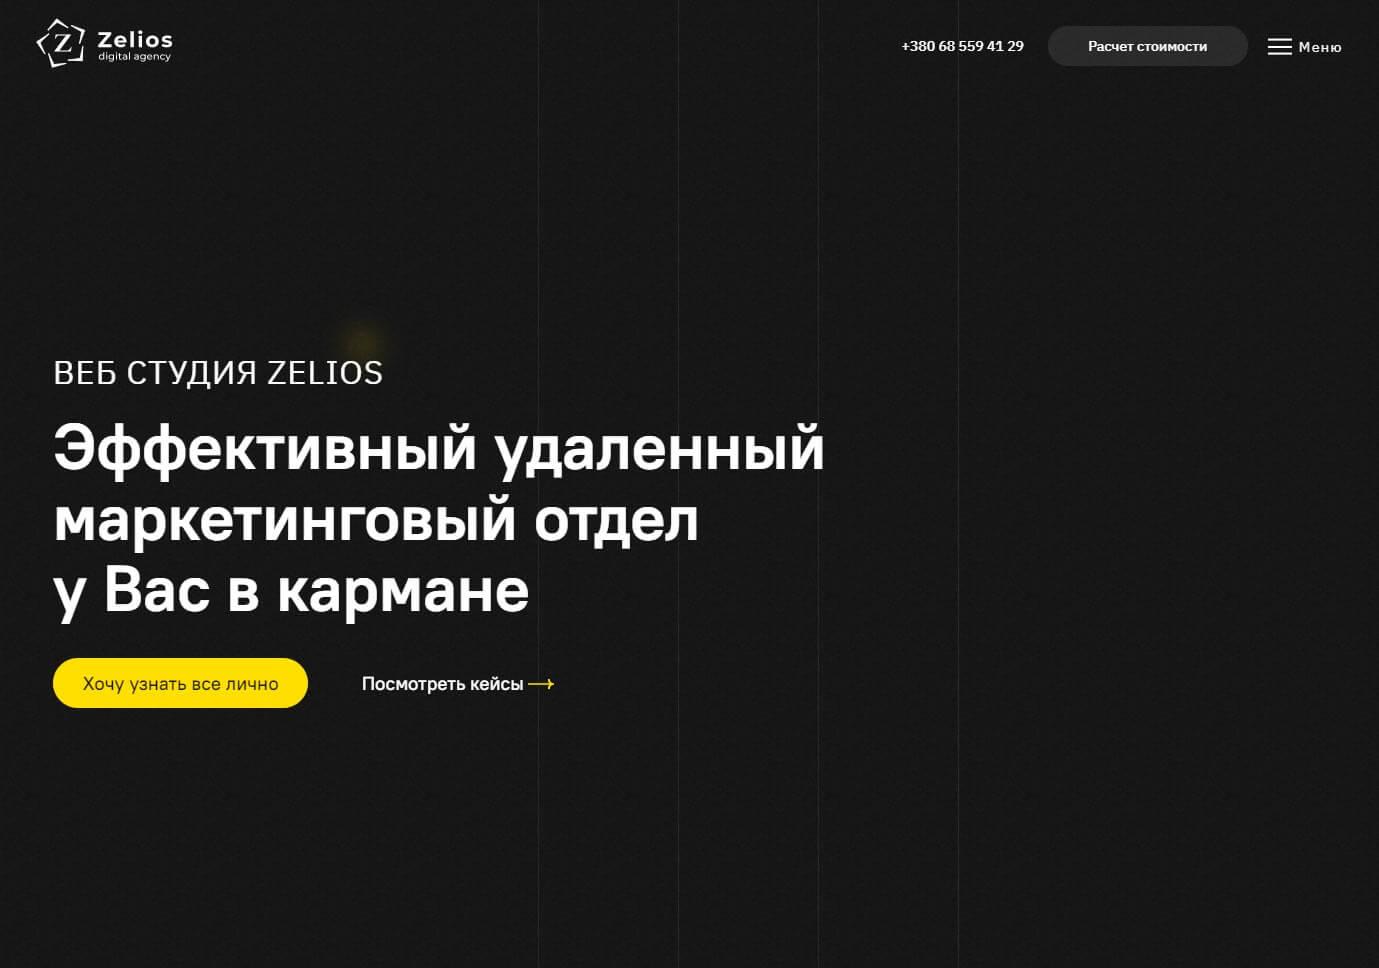 Zelios - обзор компании, услуги, отзывы, клиенты, Фото № 1 - google-seo.pro